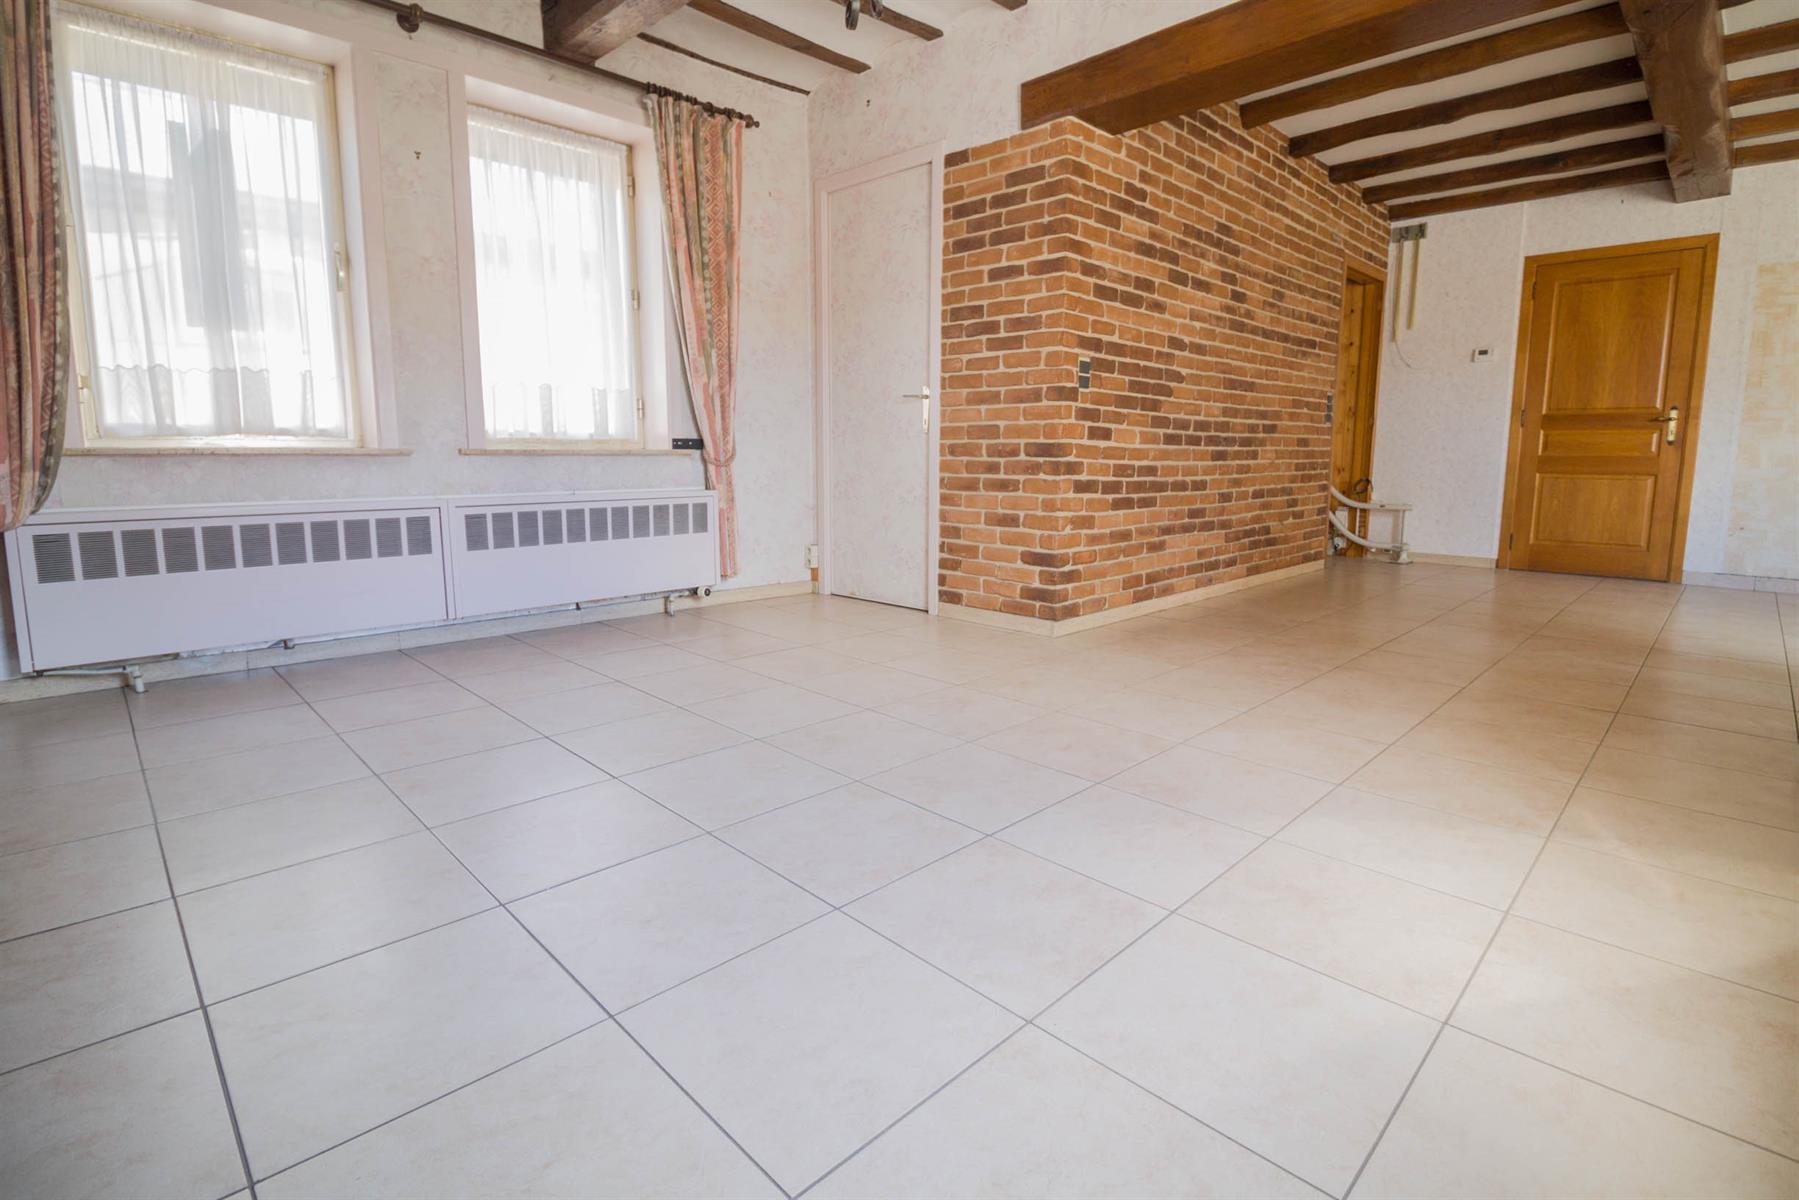 Maison - Trazegnies - #4344336-4